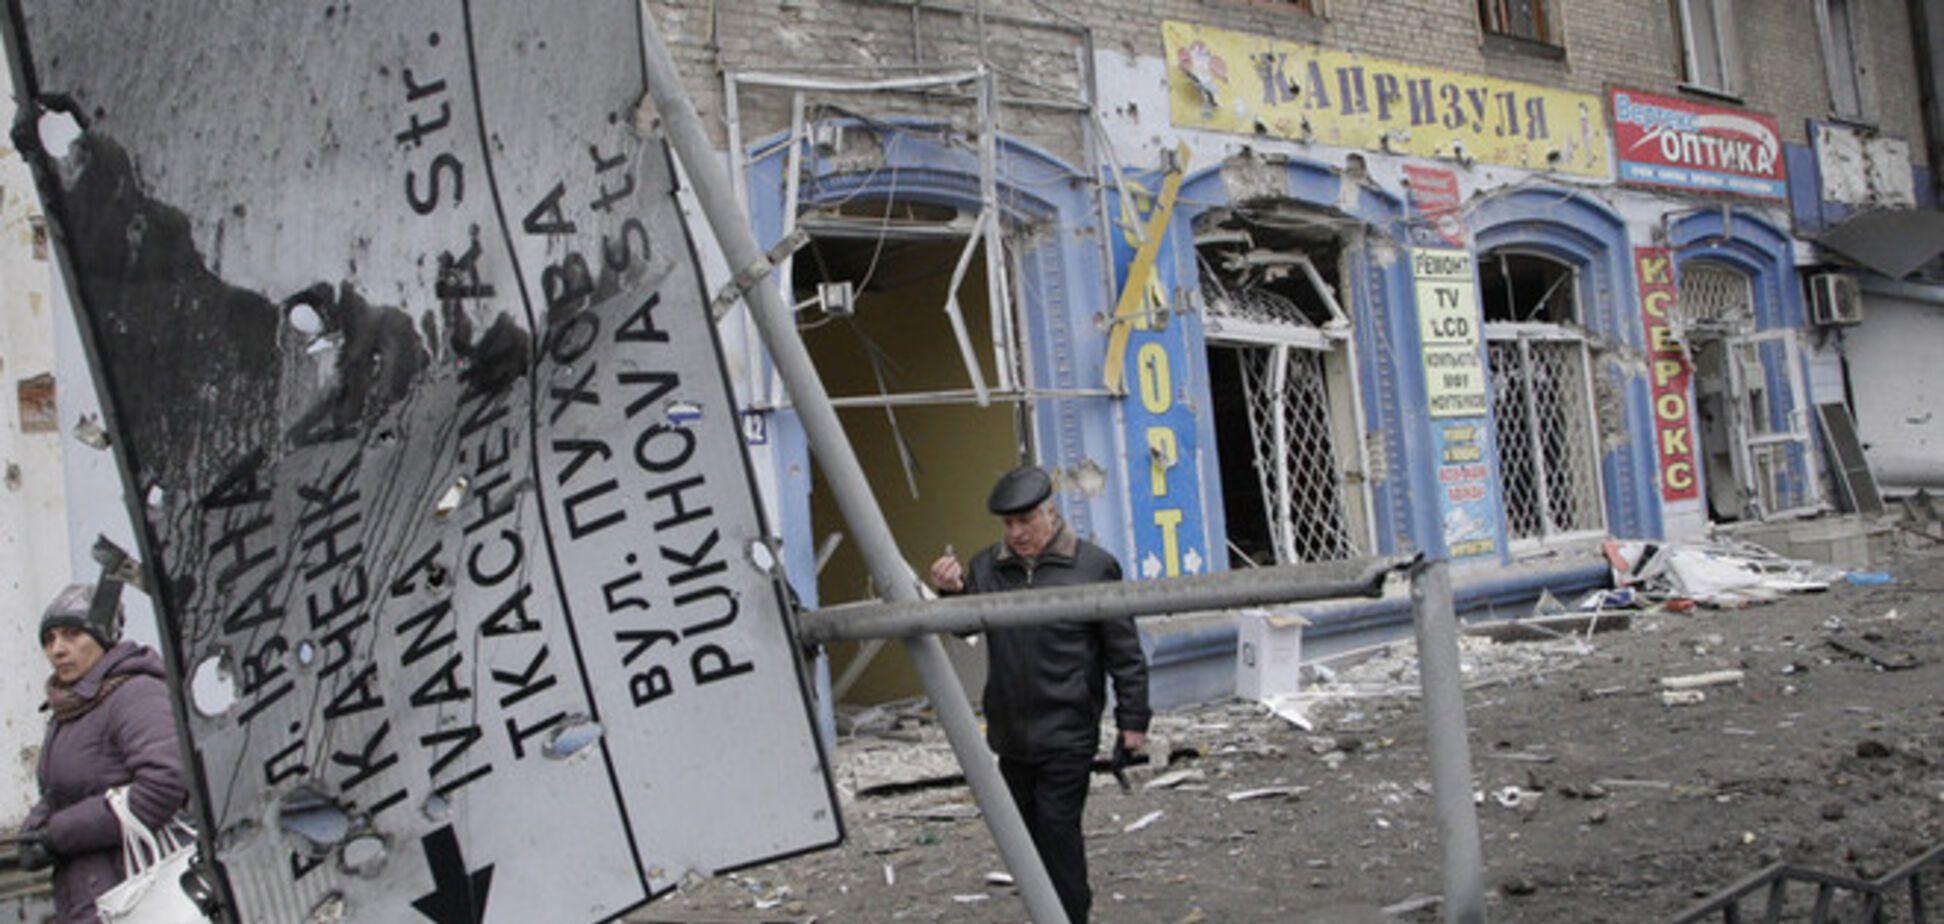 В Донецке возобновились артиллерийские обстрелы - Тымчук